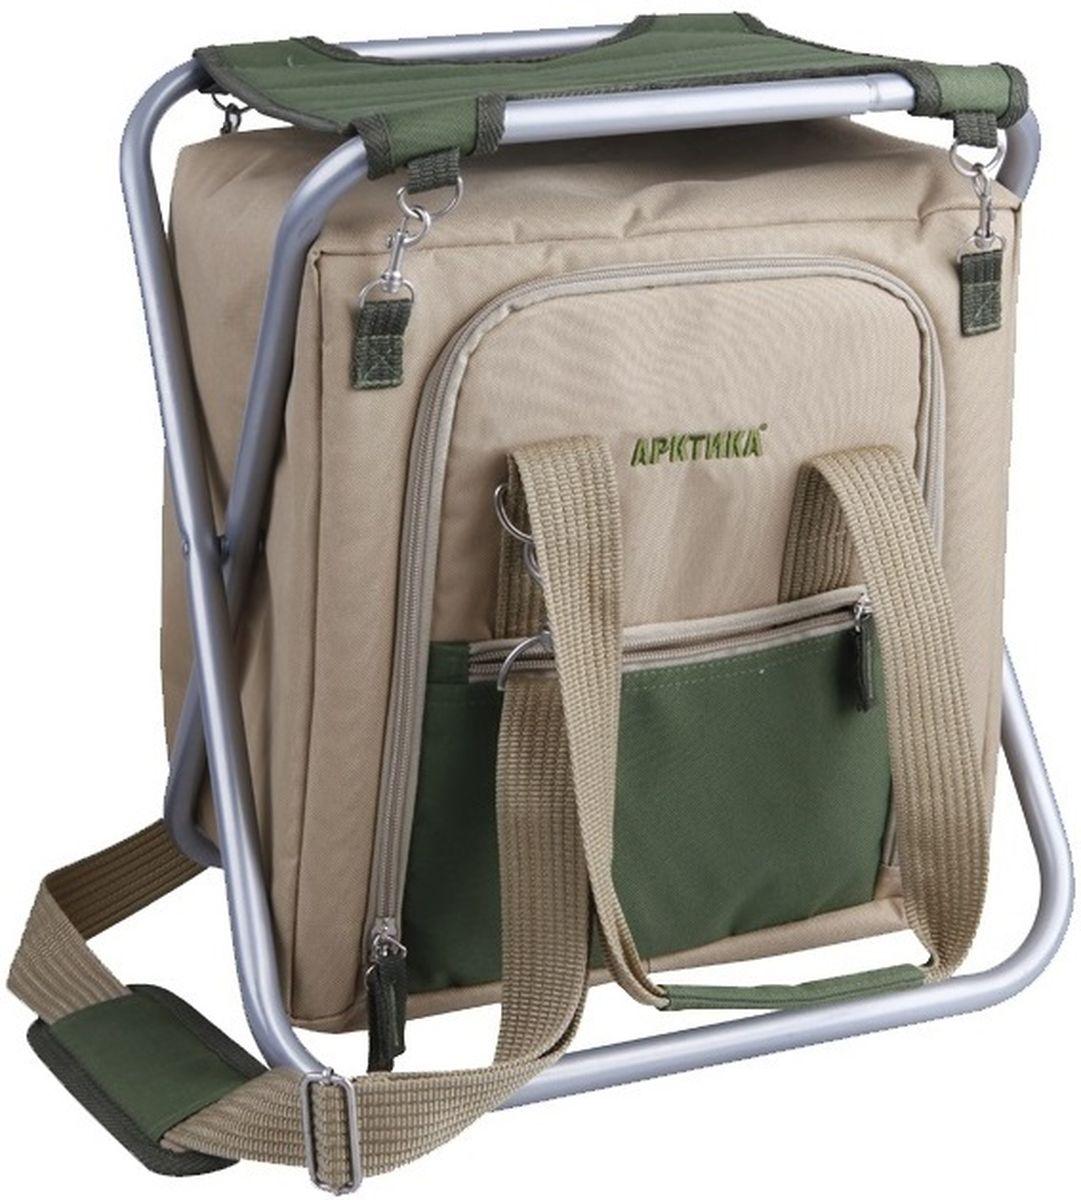 Сумка-холодильник Арктика, цвет: коричневый3500-1 сумка со стуломСумка-холодильник со складным стульчиком, 20 л. Внешний материал: оксфорд. Внутренний материал: экологичный водонепроницаемый материал PEVA.